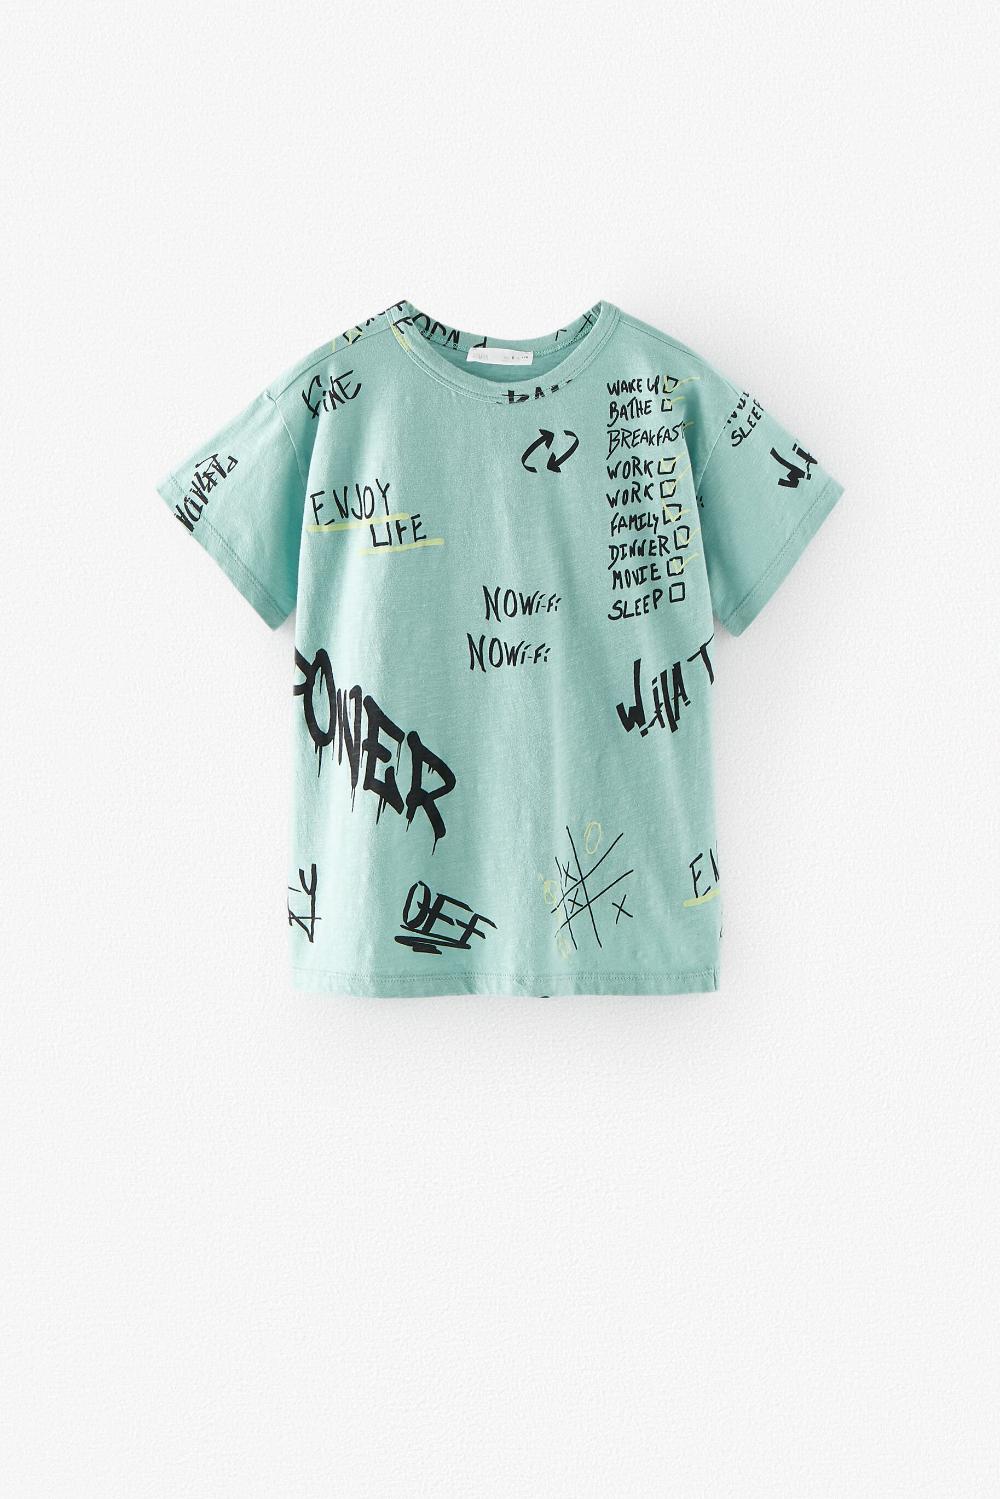 Graffiti Text T Shirt Zara United States In 2020 Graffiti Text